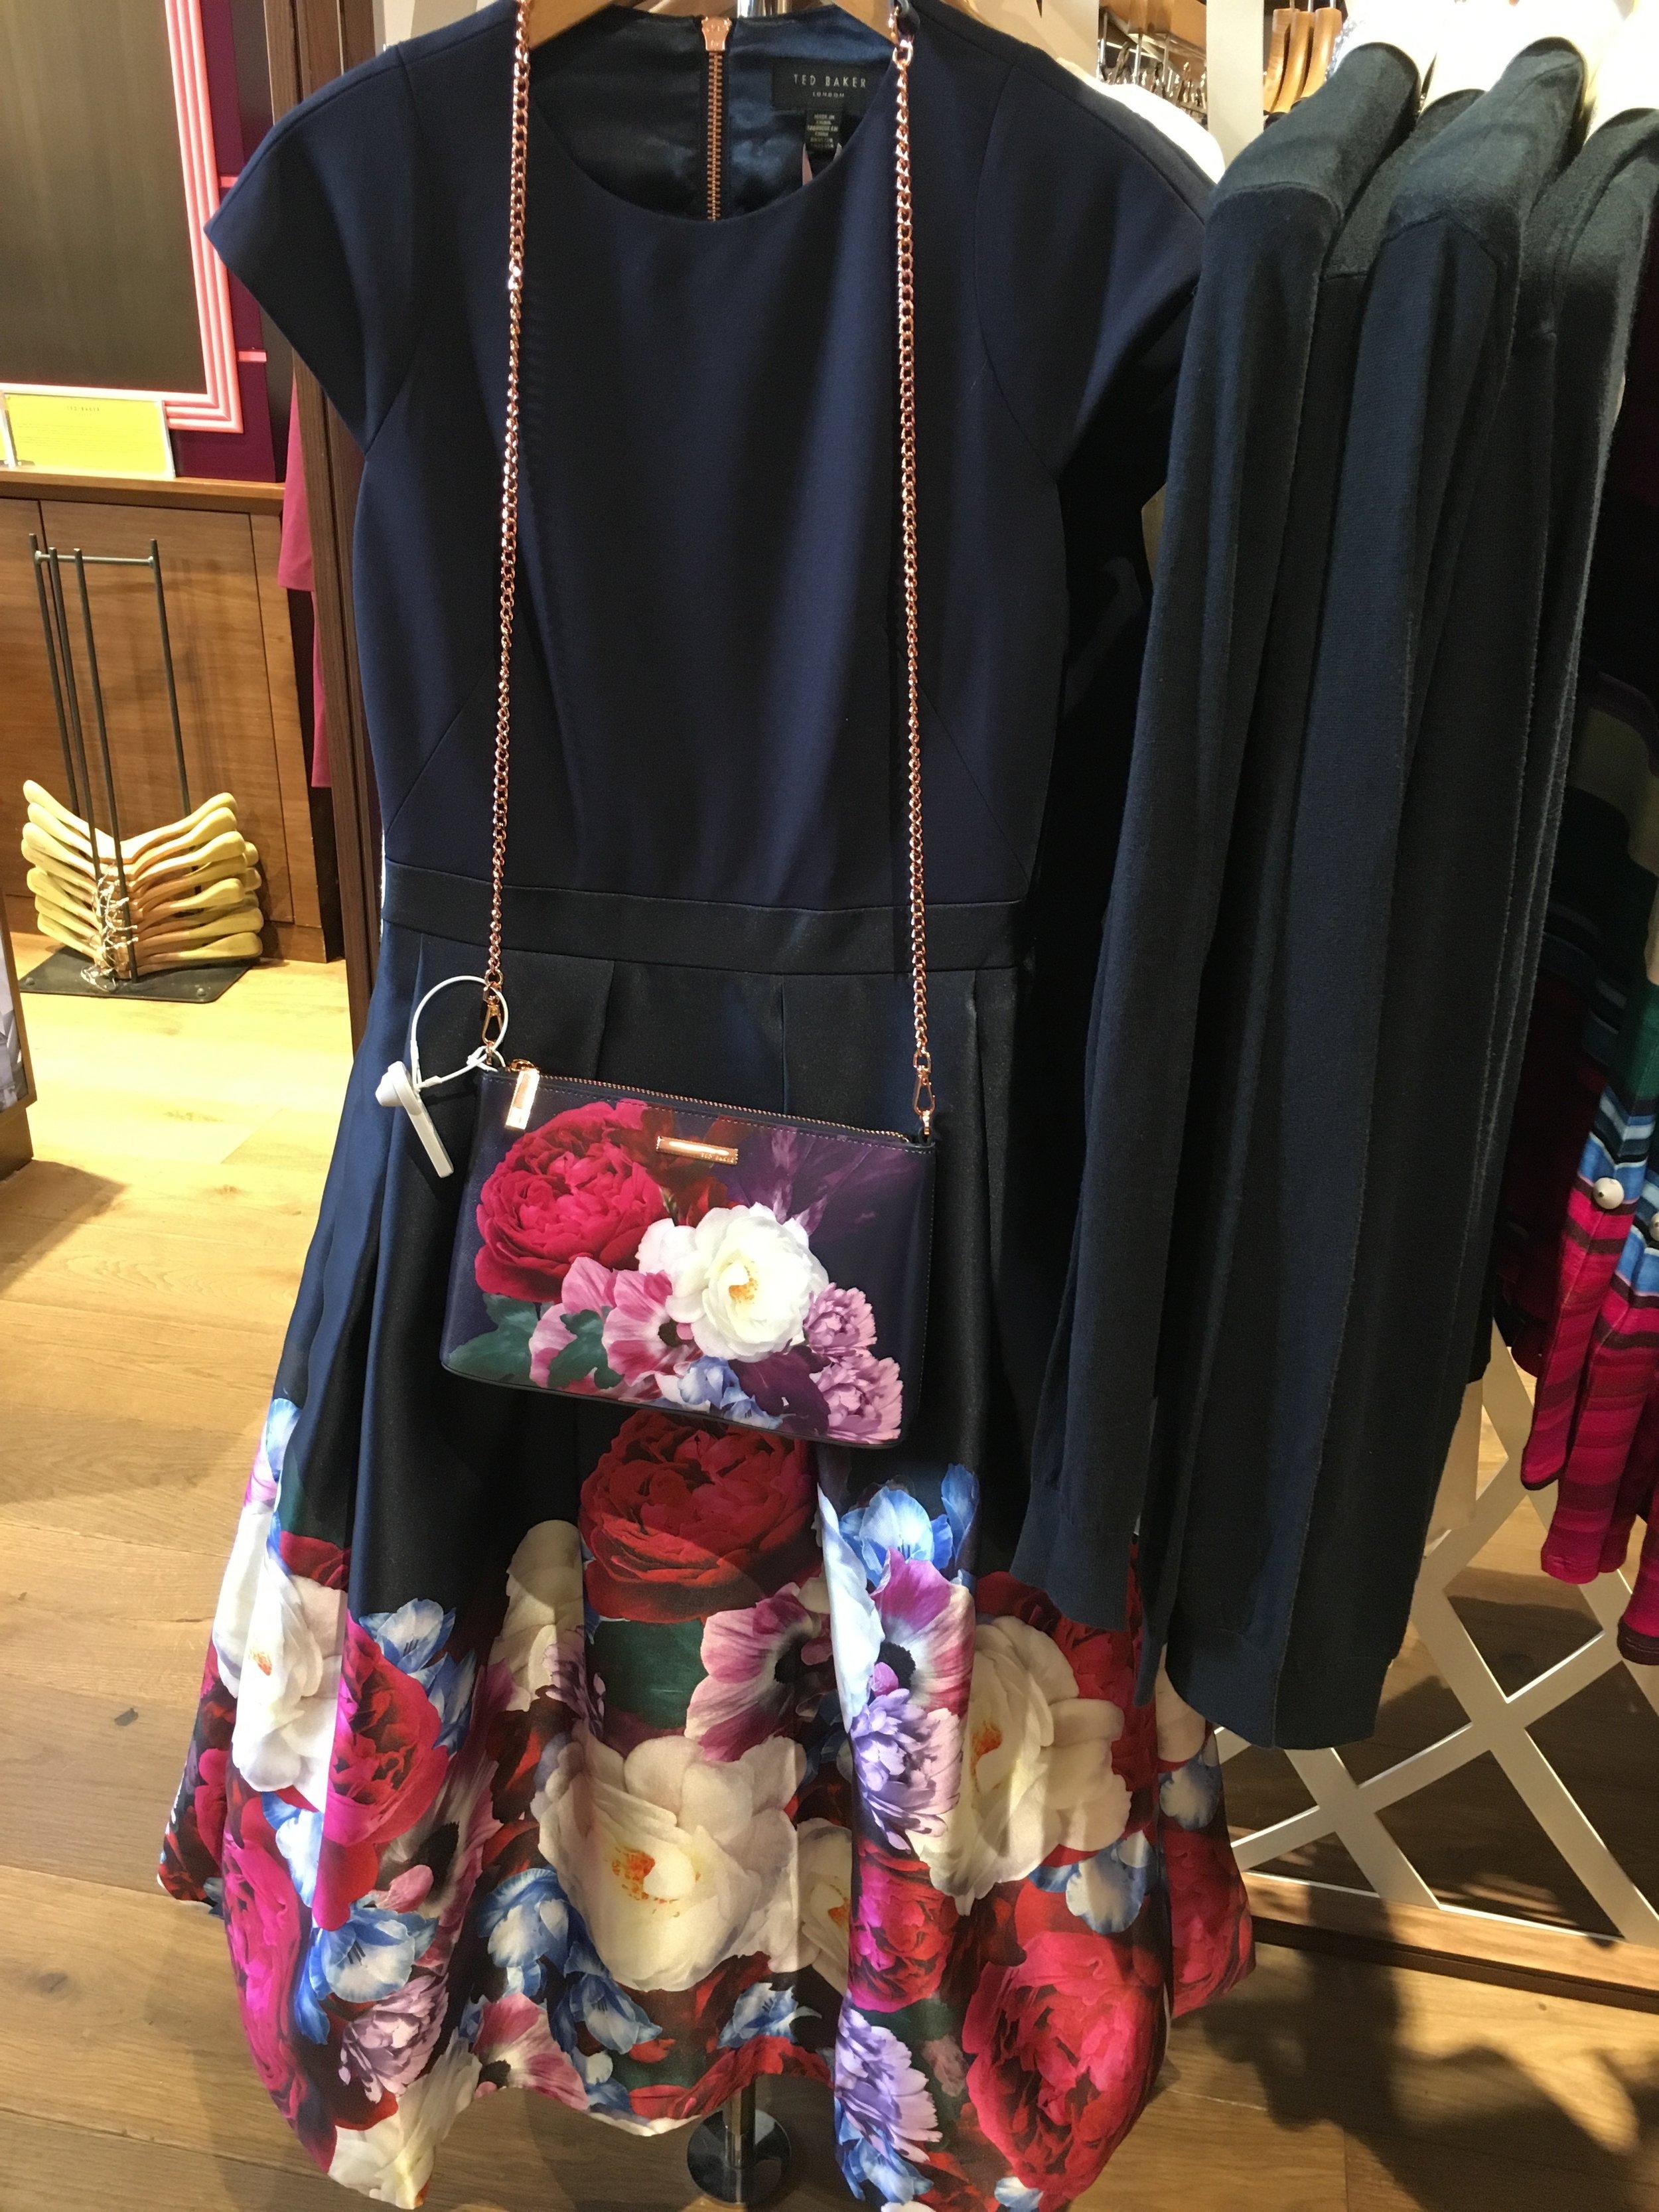 Dress & Bag: So cute!/ Vestido a juego con bolso: Ideal, no os parece?